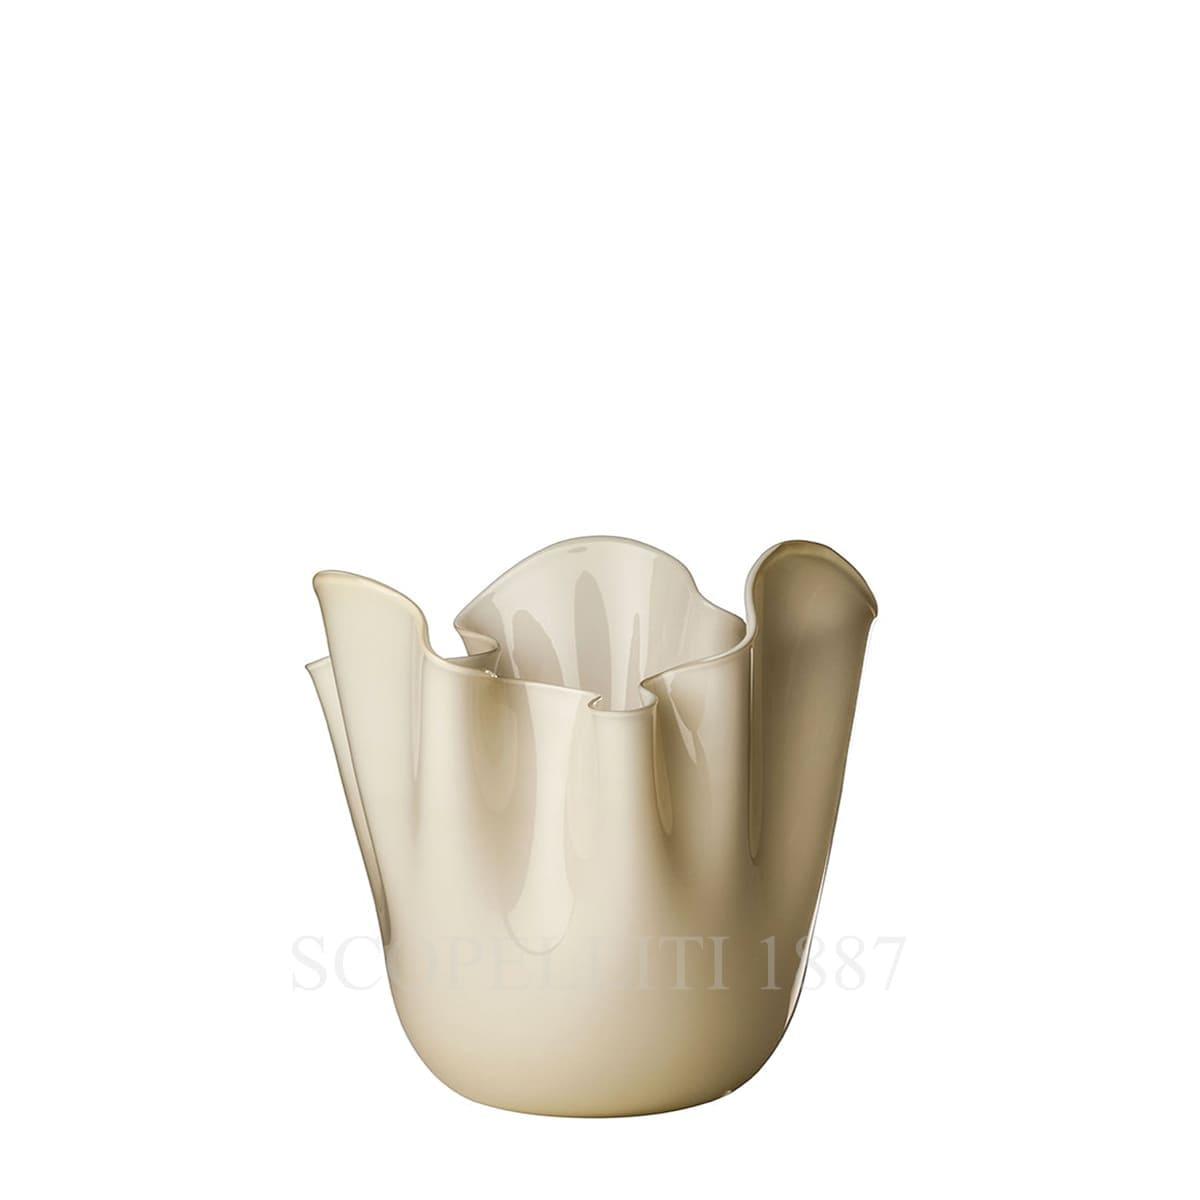 fazzoletto venini murano glass vase avory